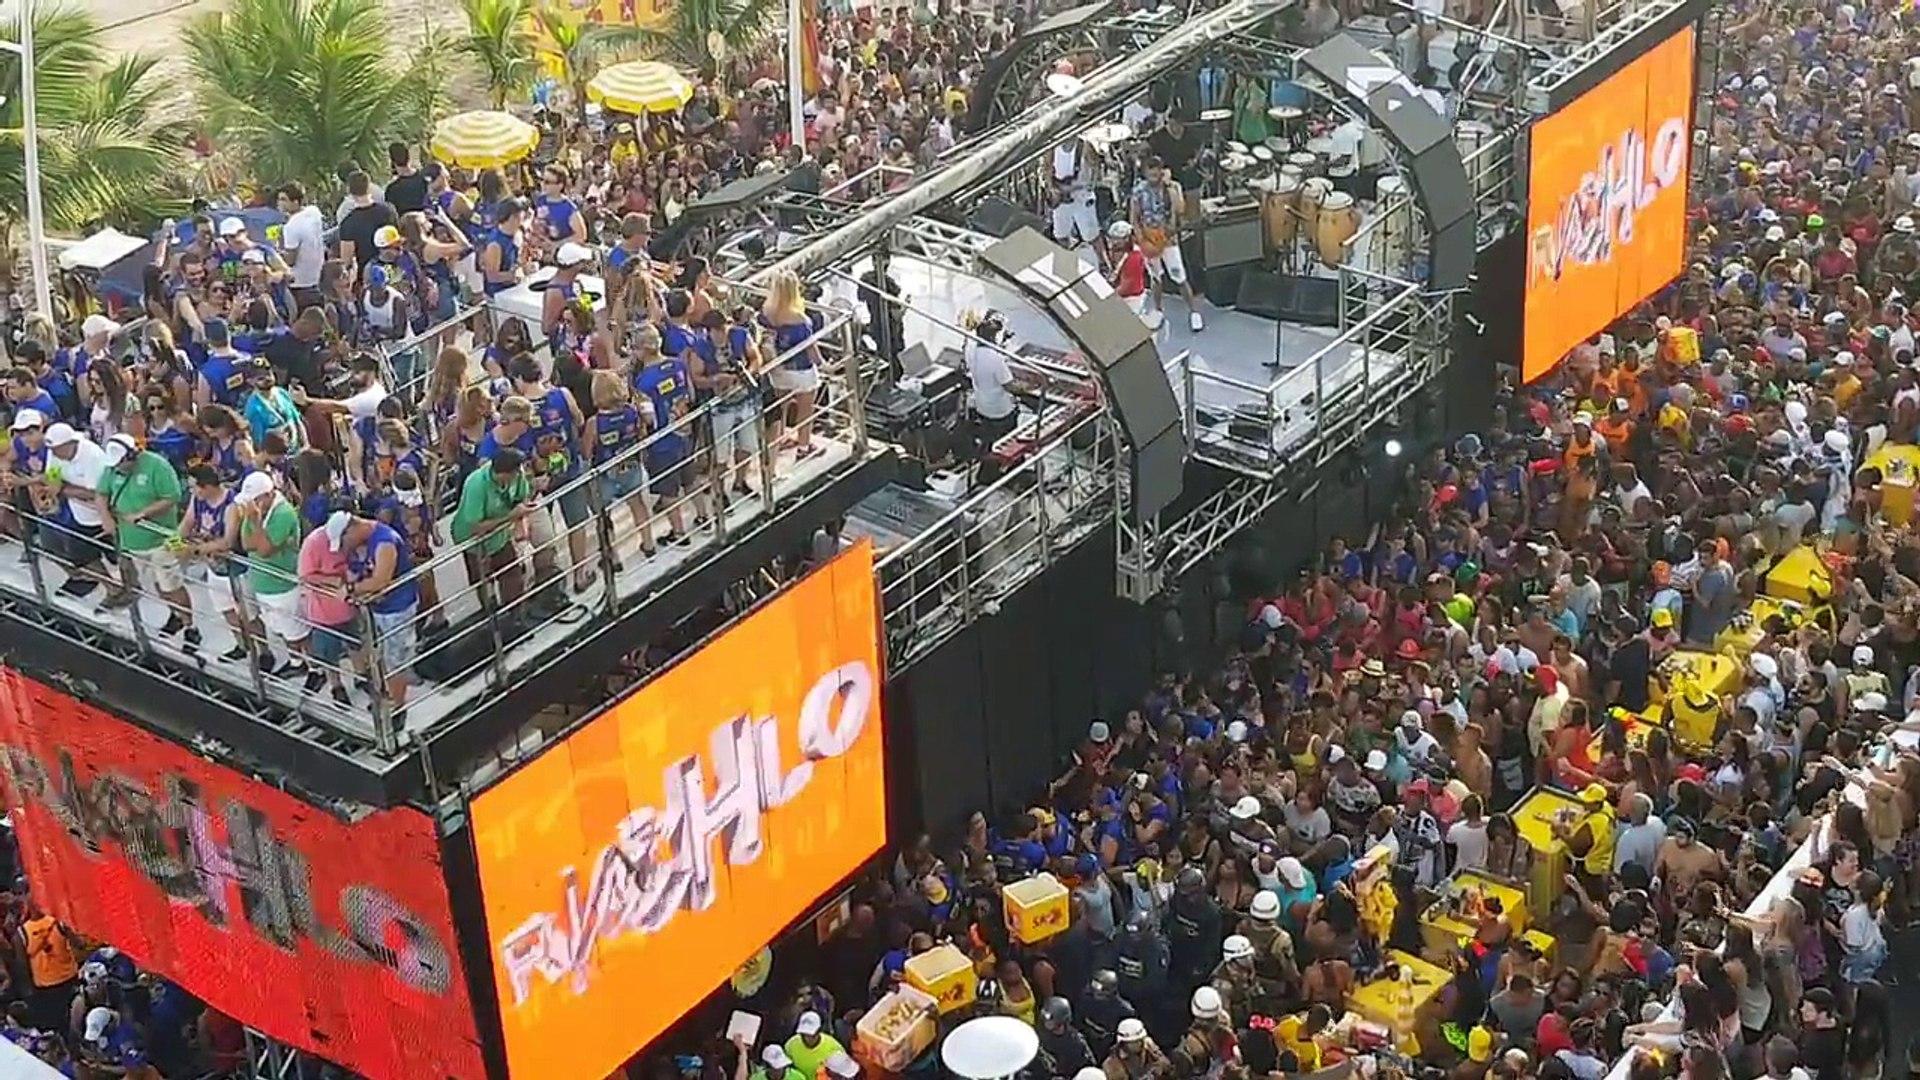 Bell Marques - Paradinha - Harmonia do Samba - Carnaval Salvador 2018